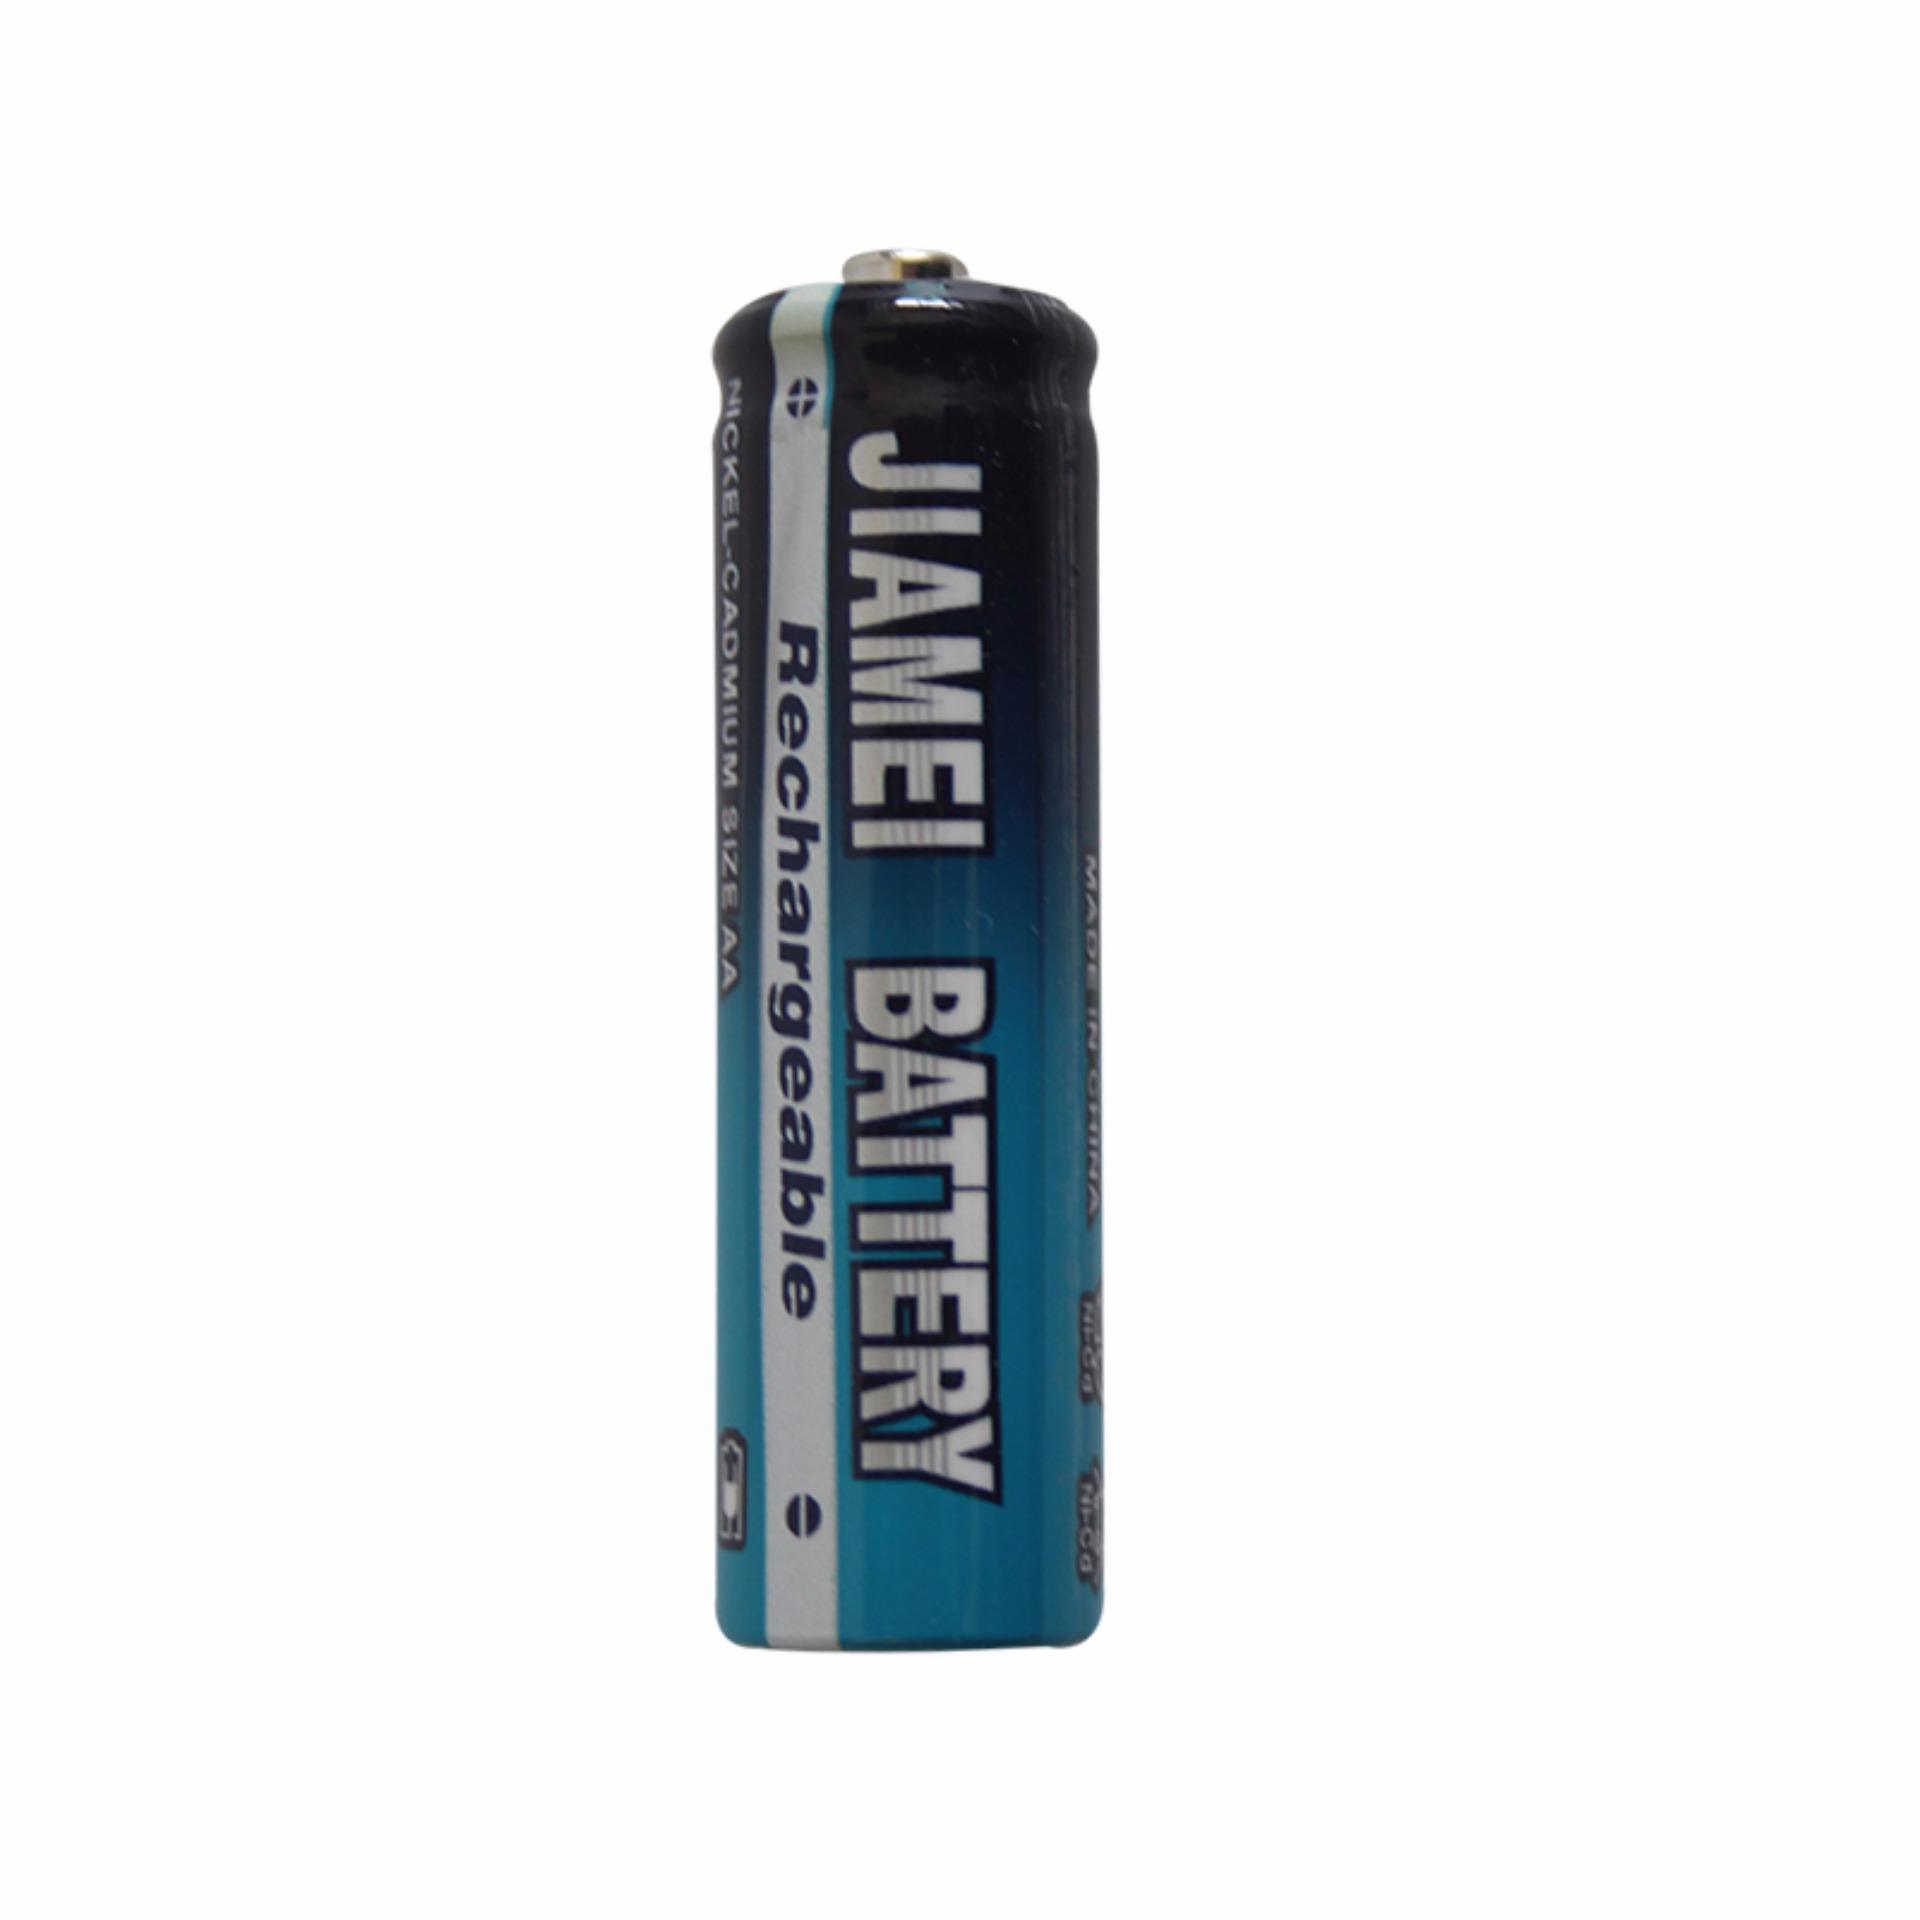 EELIC JM-AA 1.2V 300mAh Baterai Charge Nickel Cadmium Ukuran AA Baterai cas yang